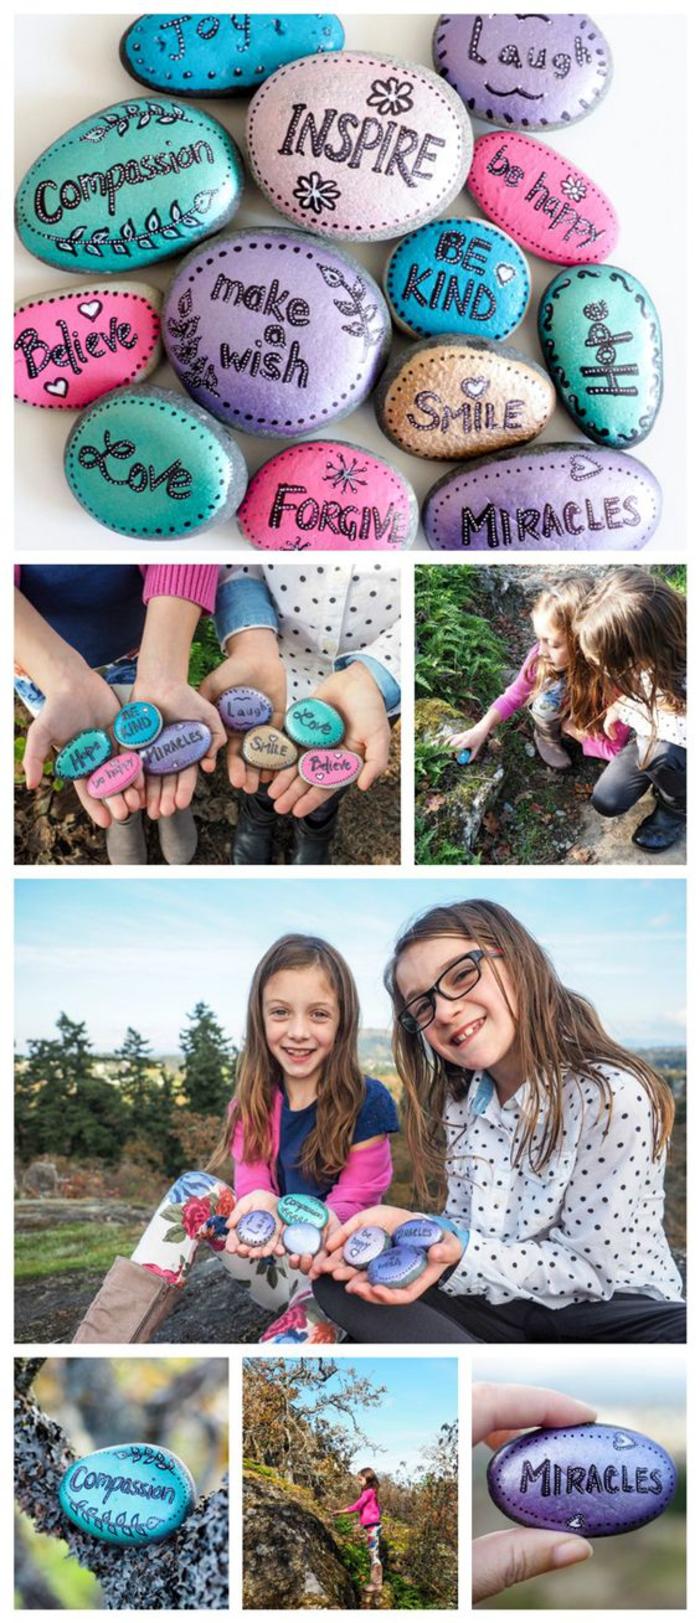 des galets peints aux couleurs pastel qui portent des mots inspirants